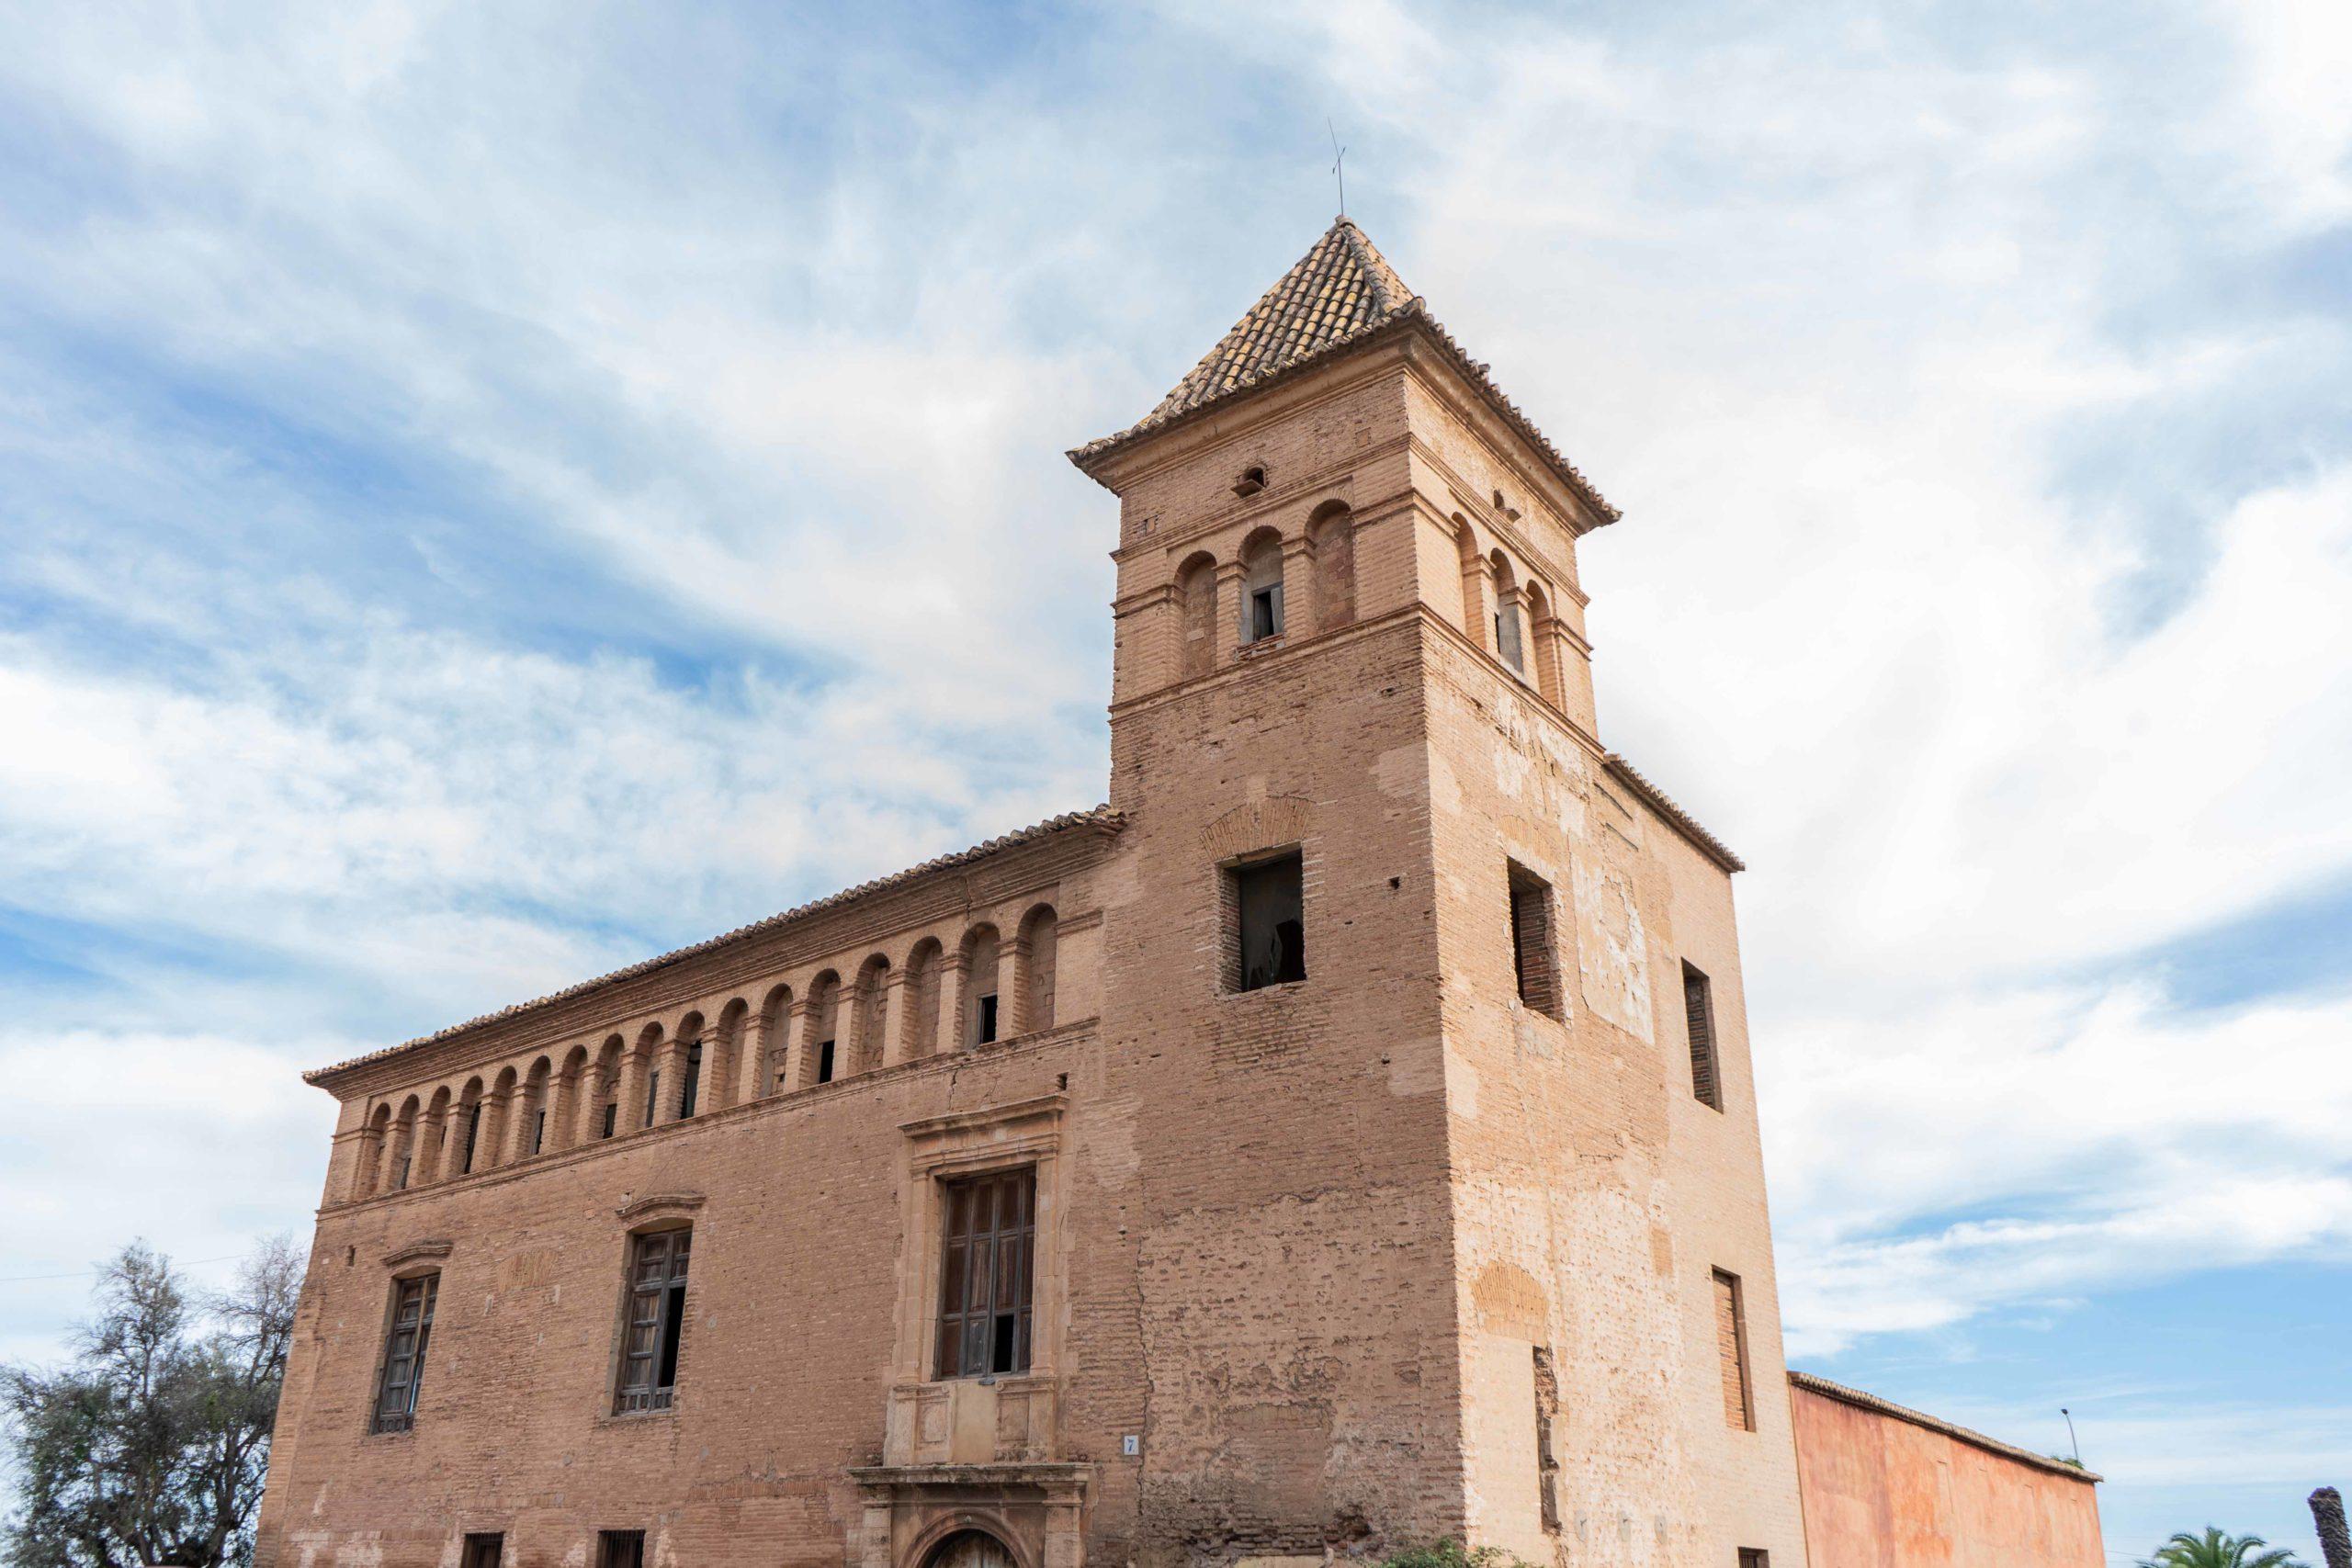 Casa de la Sirena también llamada Casa de la Serena. Monumentos huerta valenciana